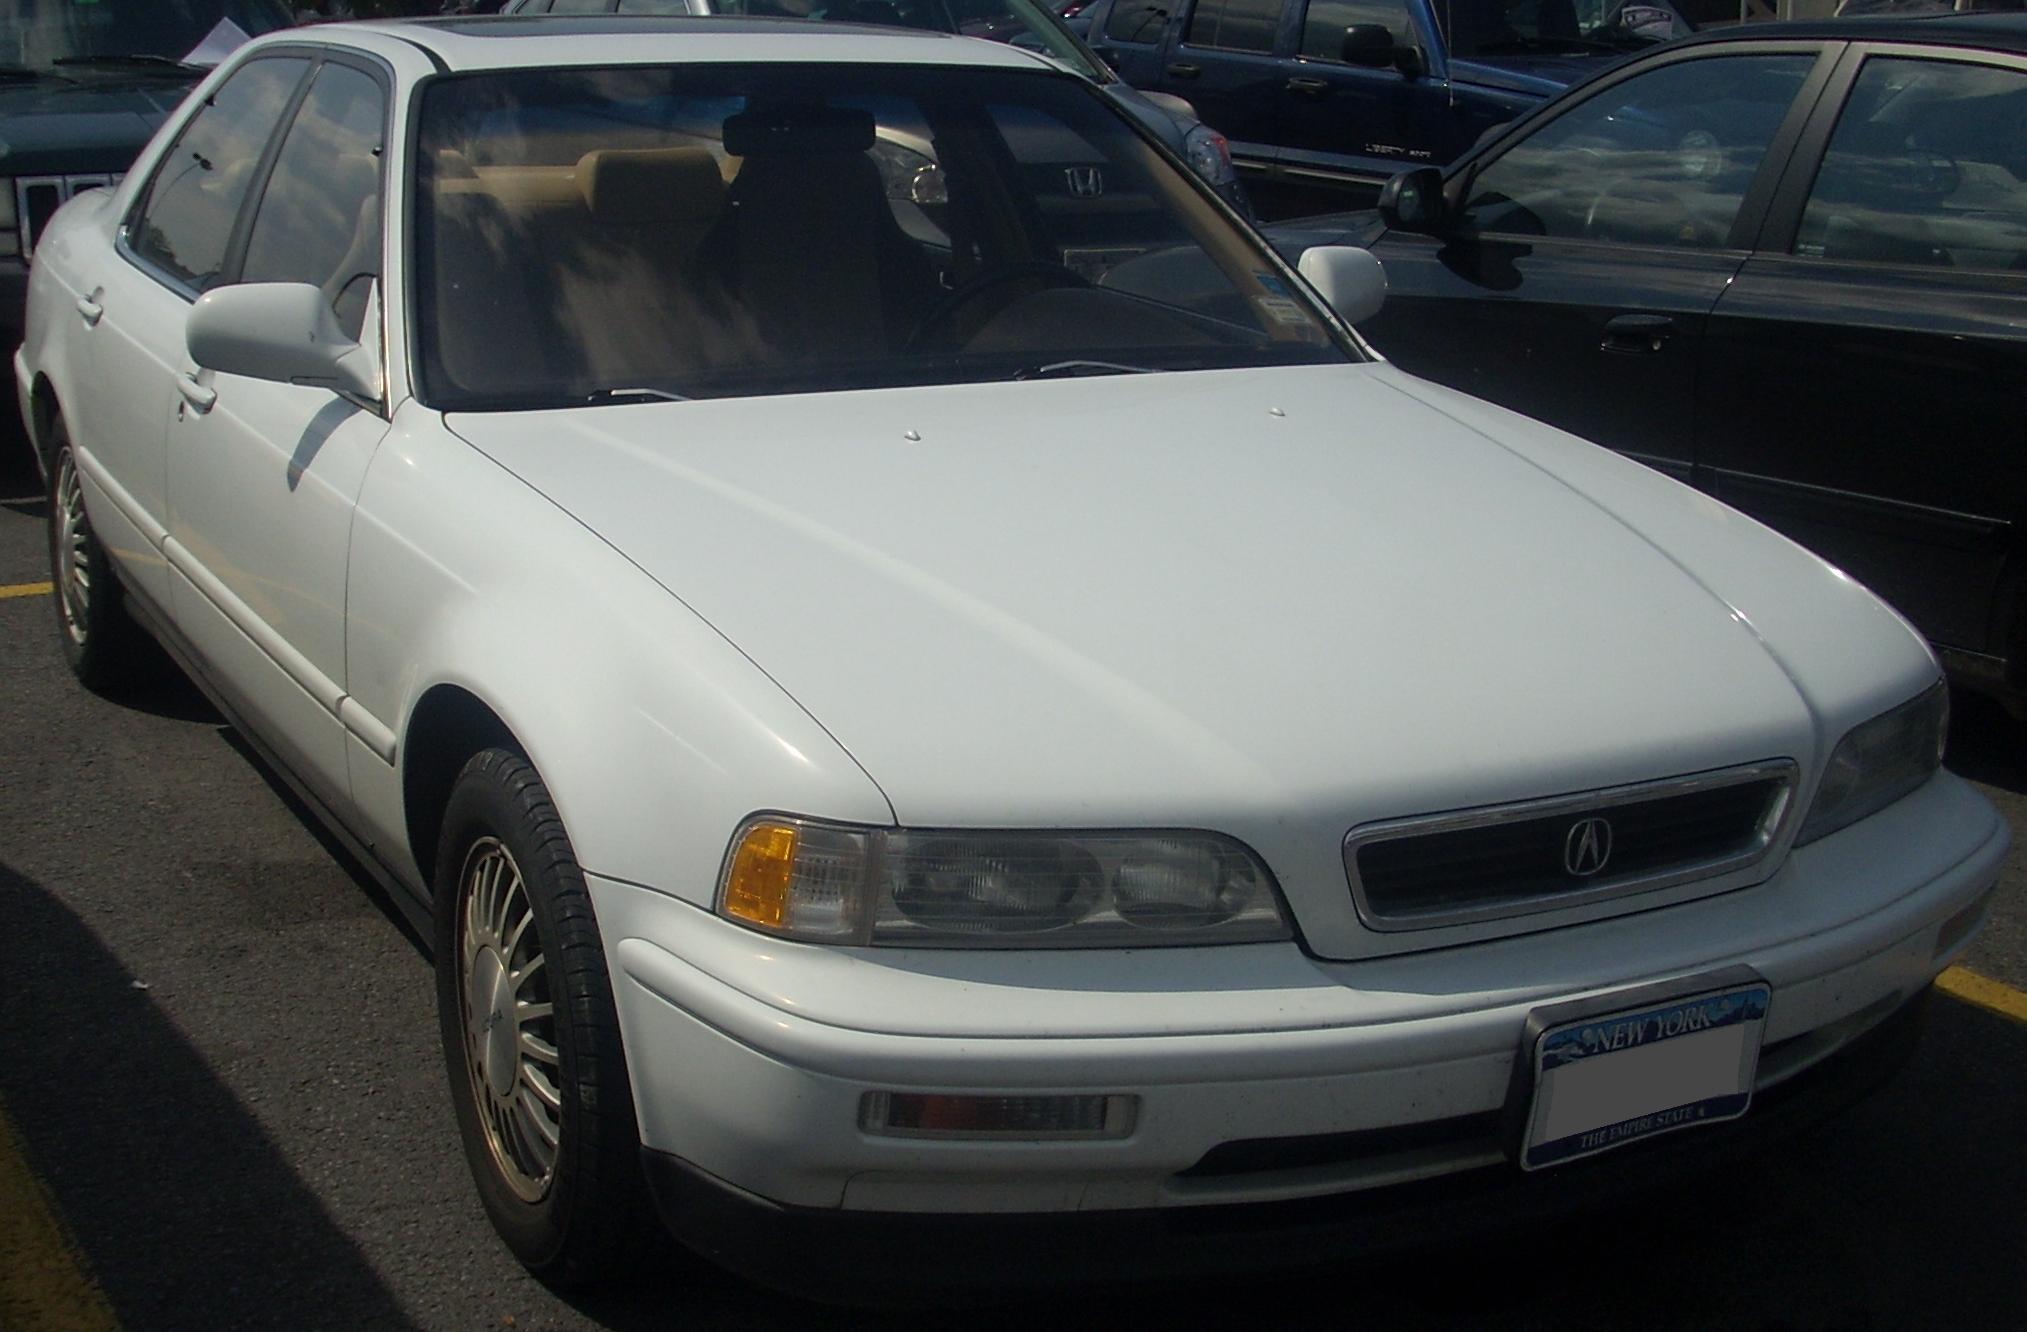 File:1991-93 Acura Legend Sedan.jpg - Wikimedia Commons